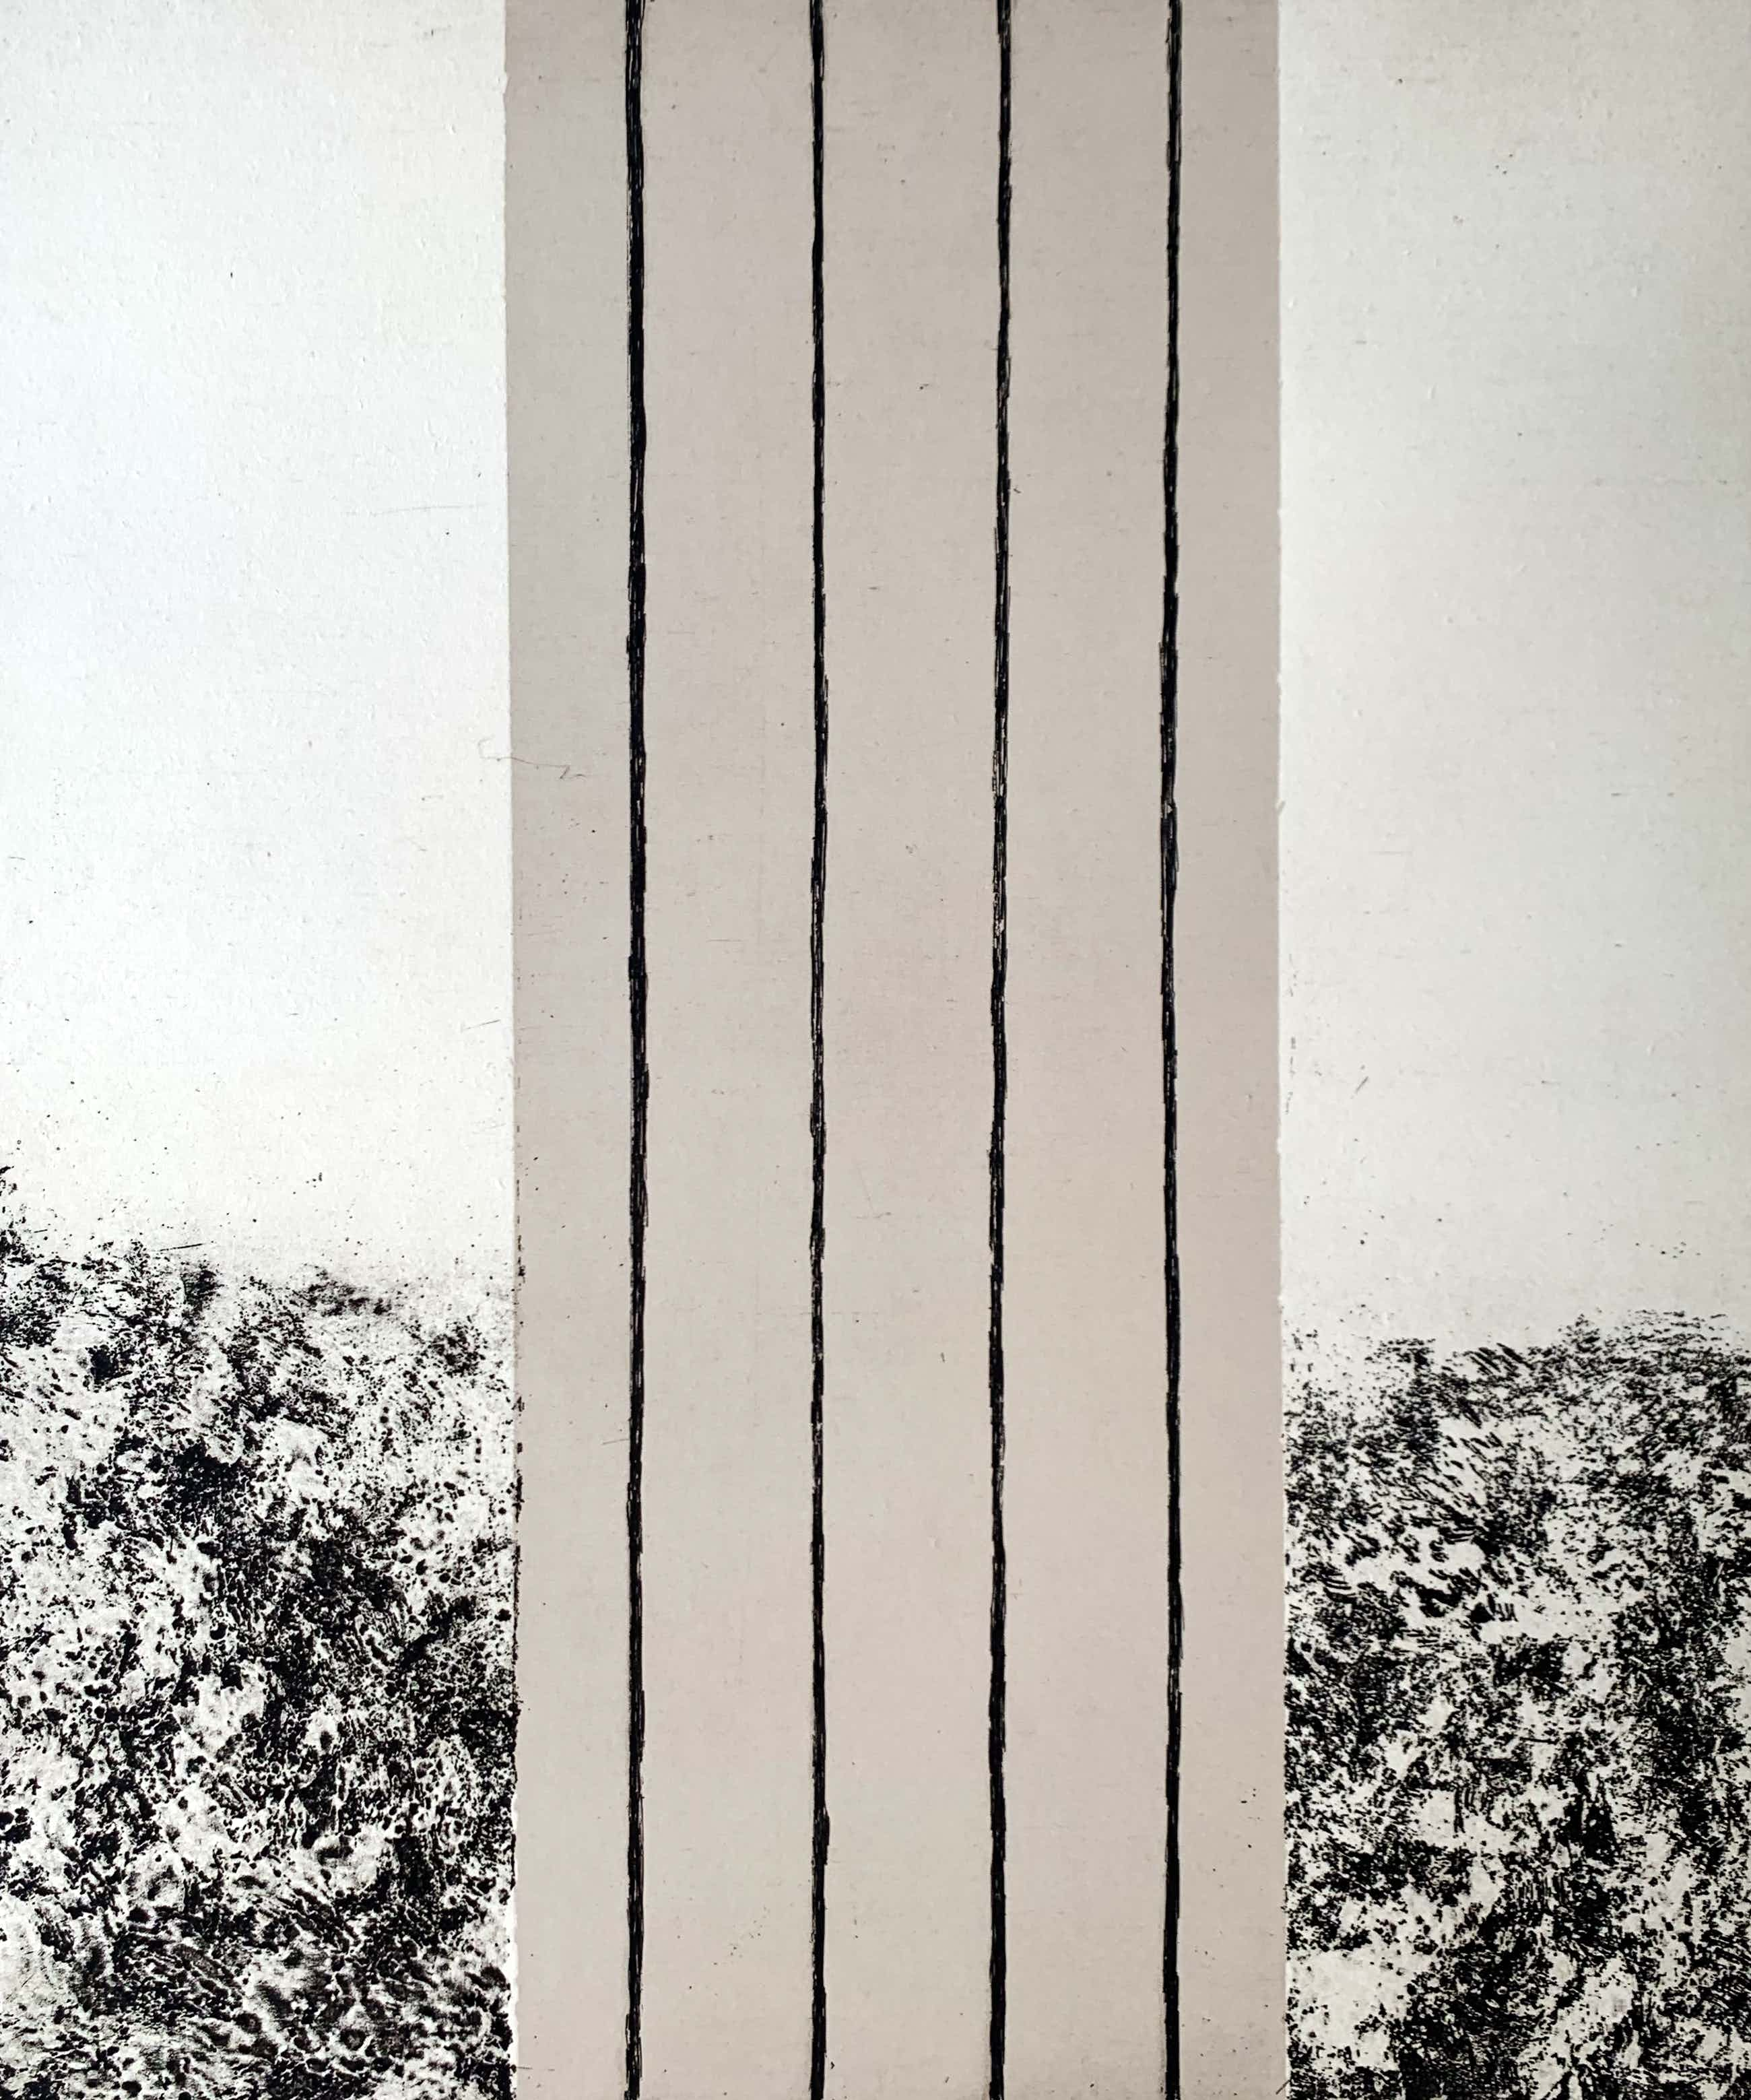 Sigurdur Gudmundsson - ets - 'Landschaft' - 1989 kopen? Bied vanaf 125!